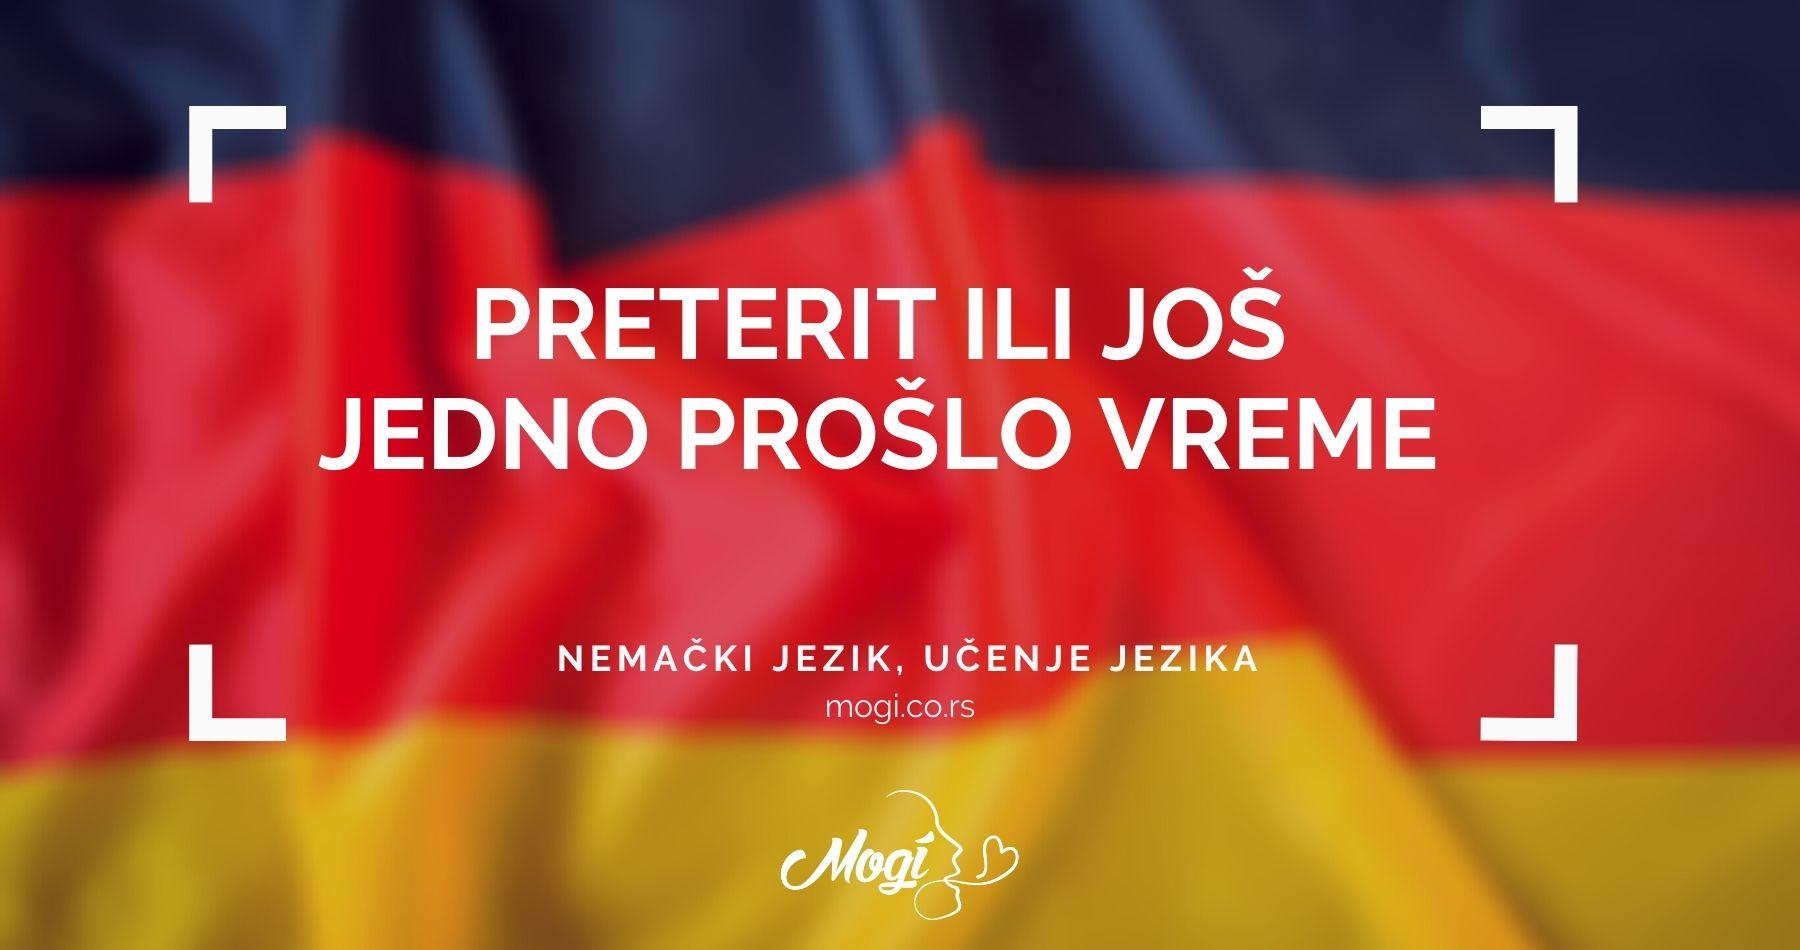 povoljni online kursevi nemackog jezika